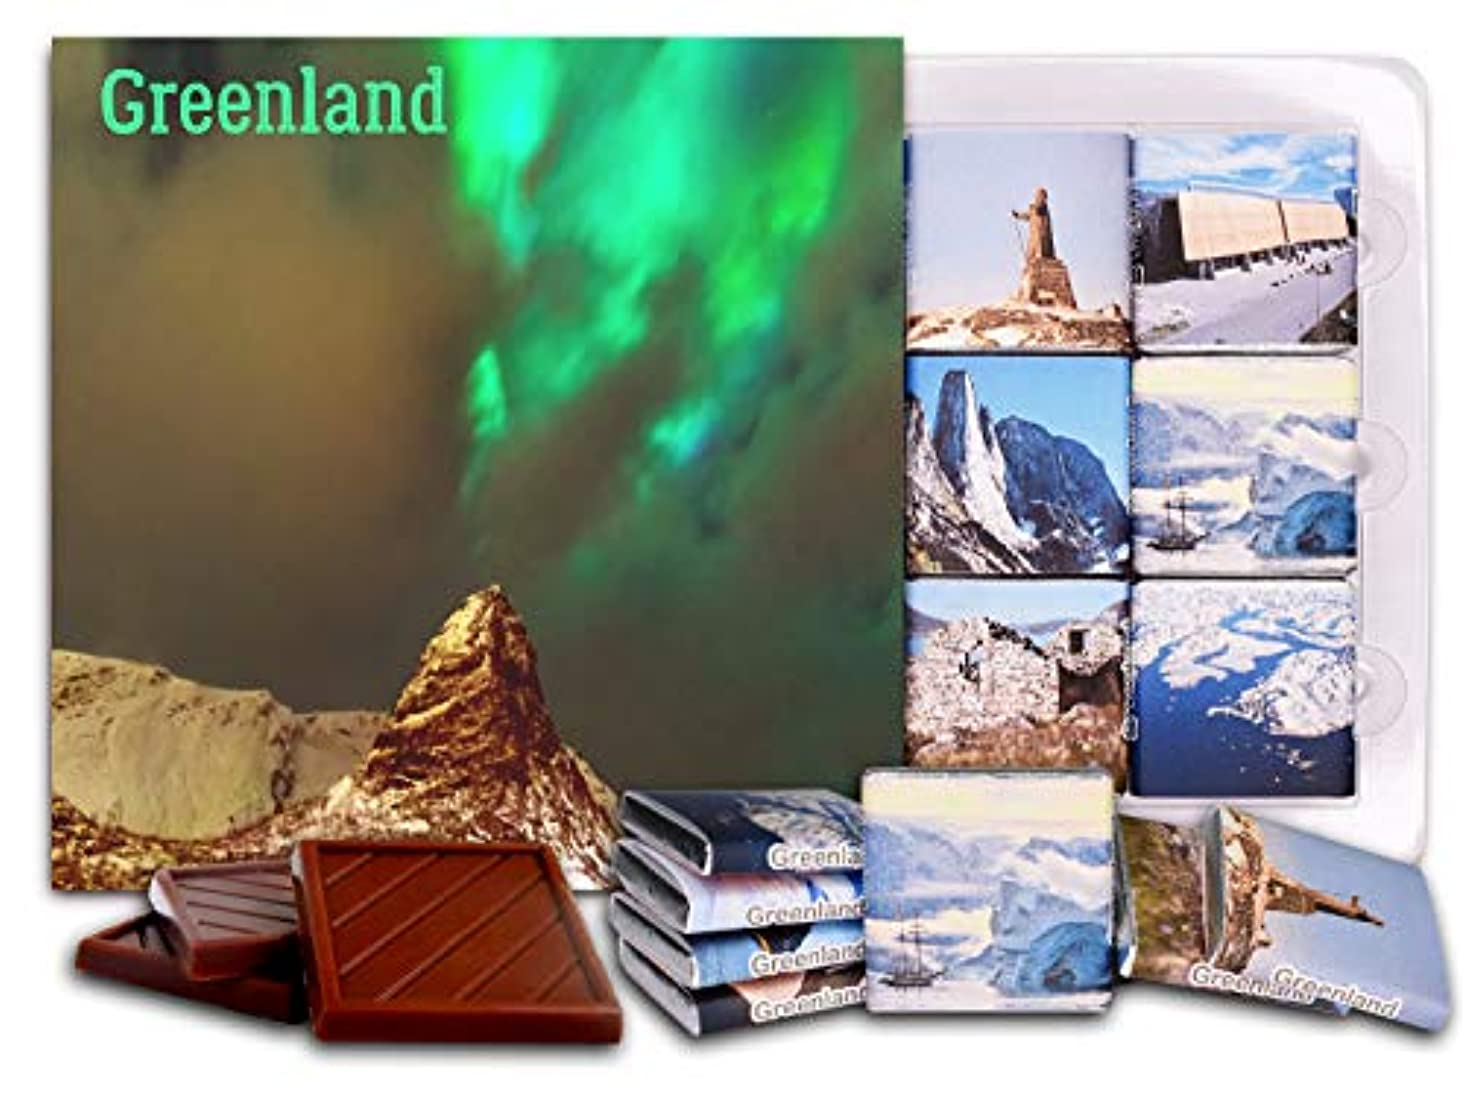 密寄託運ぶDA CHOCOLATE キャンディ スーベニア  グリーンランド  GREENLAND チョコレートセット 5×5一箱 (Northern Lights)